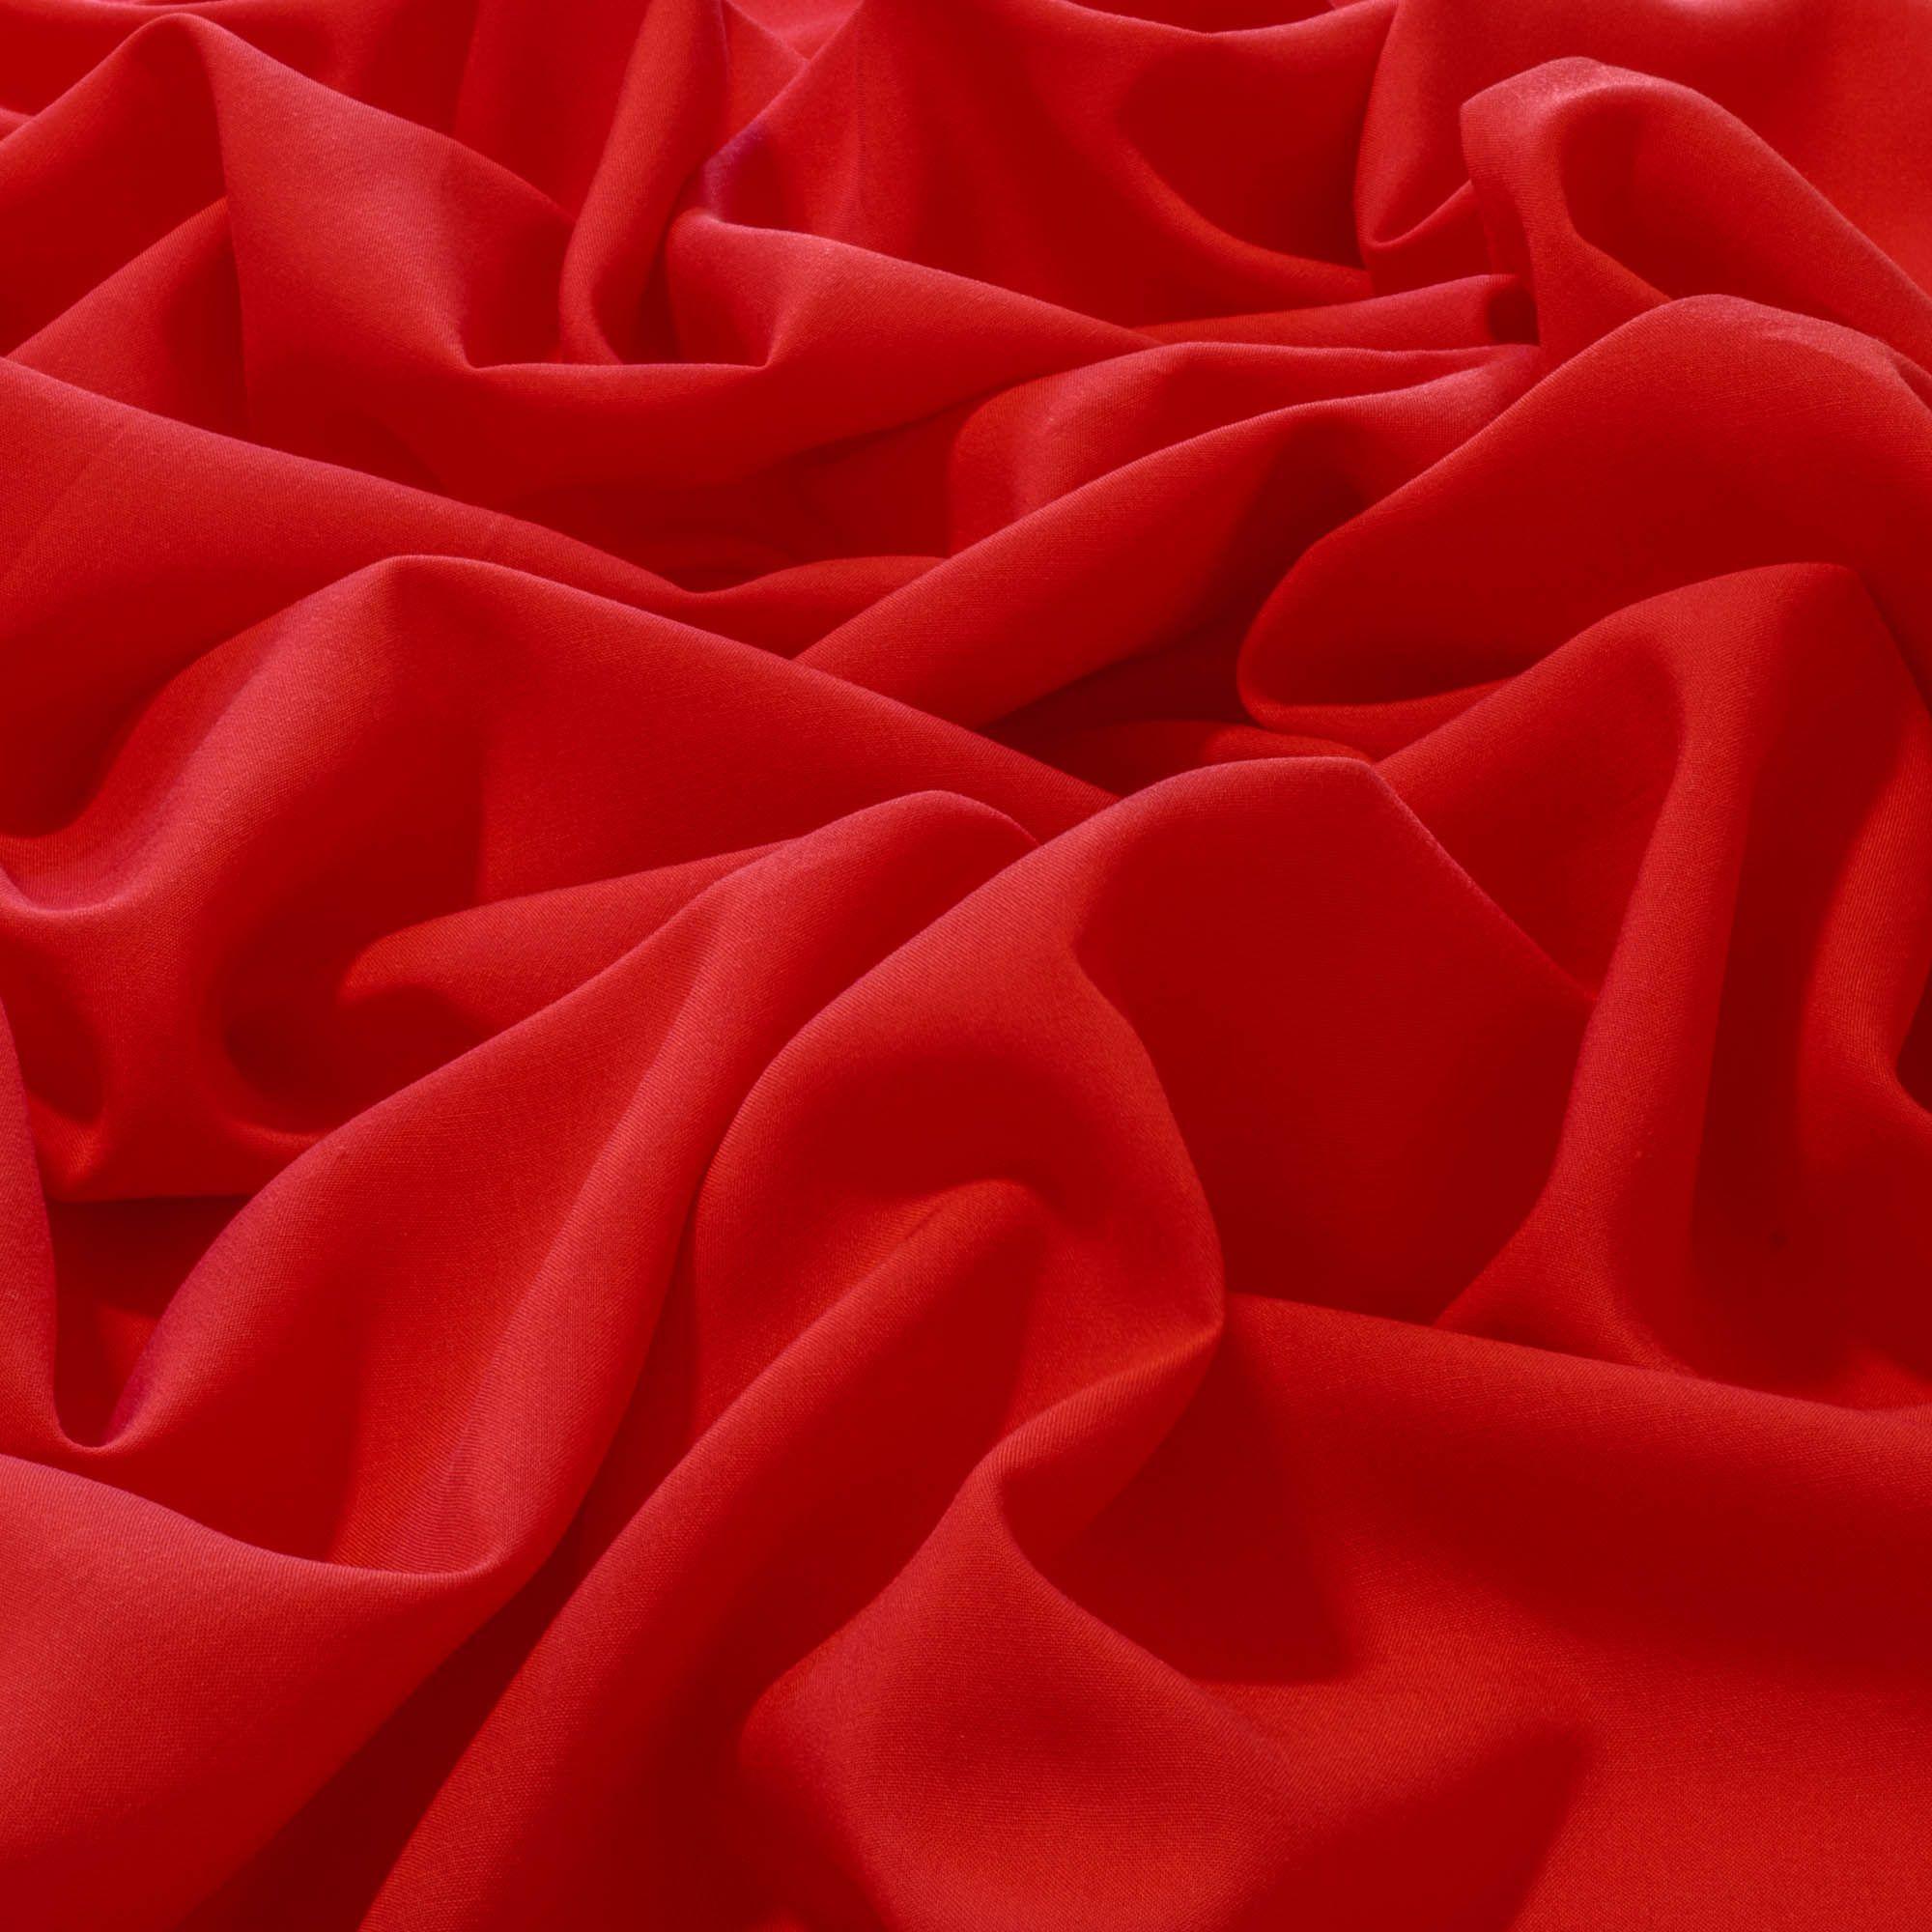 Tecido Viscose Vermelha 100% Viscose 1,40 m Largura